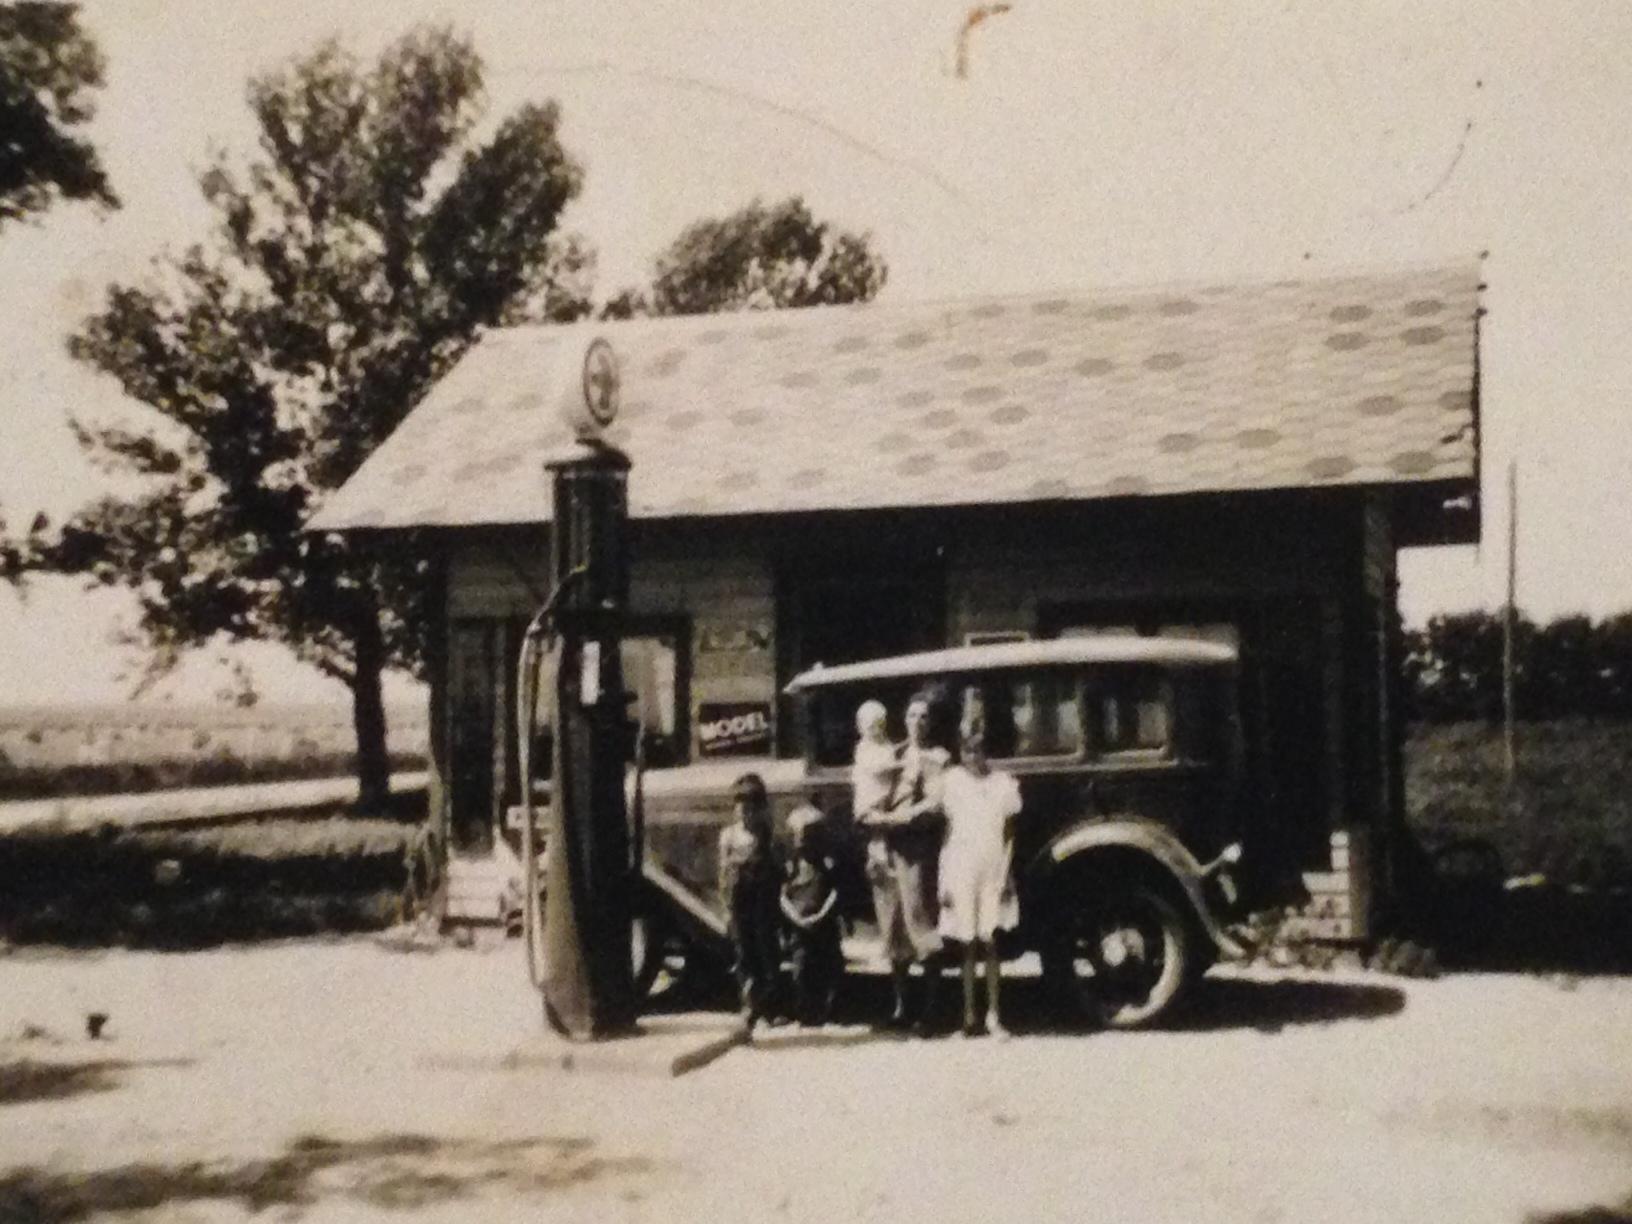 Kones Korner 1930's